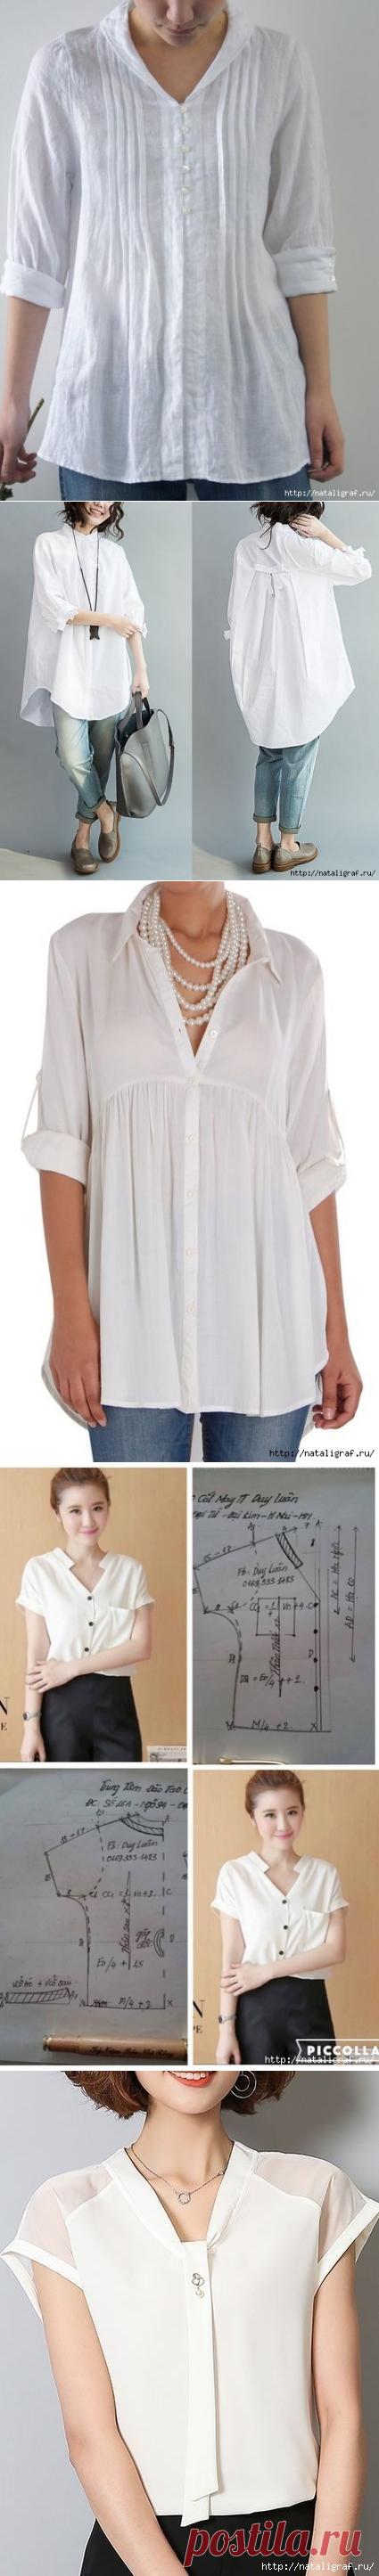 Белые блузы, рубашки и